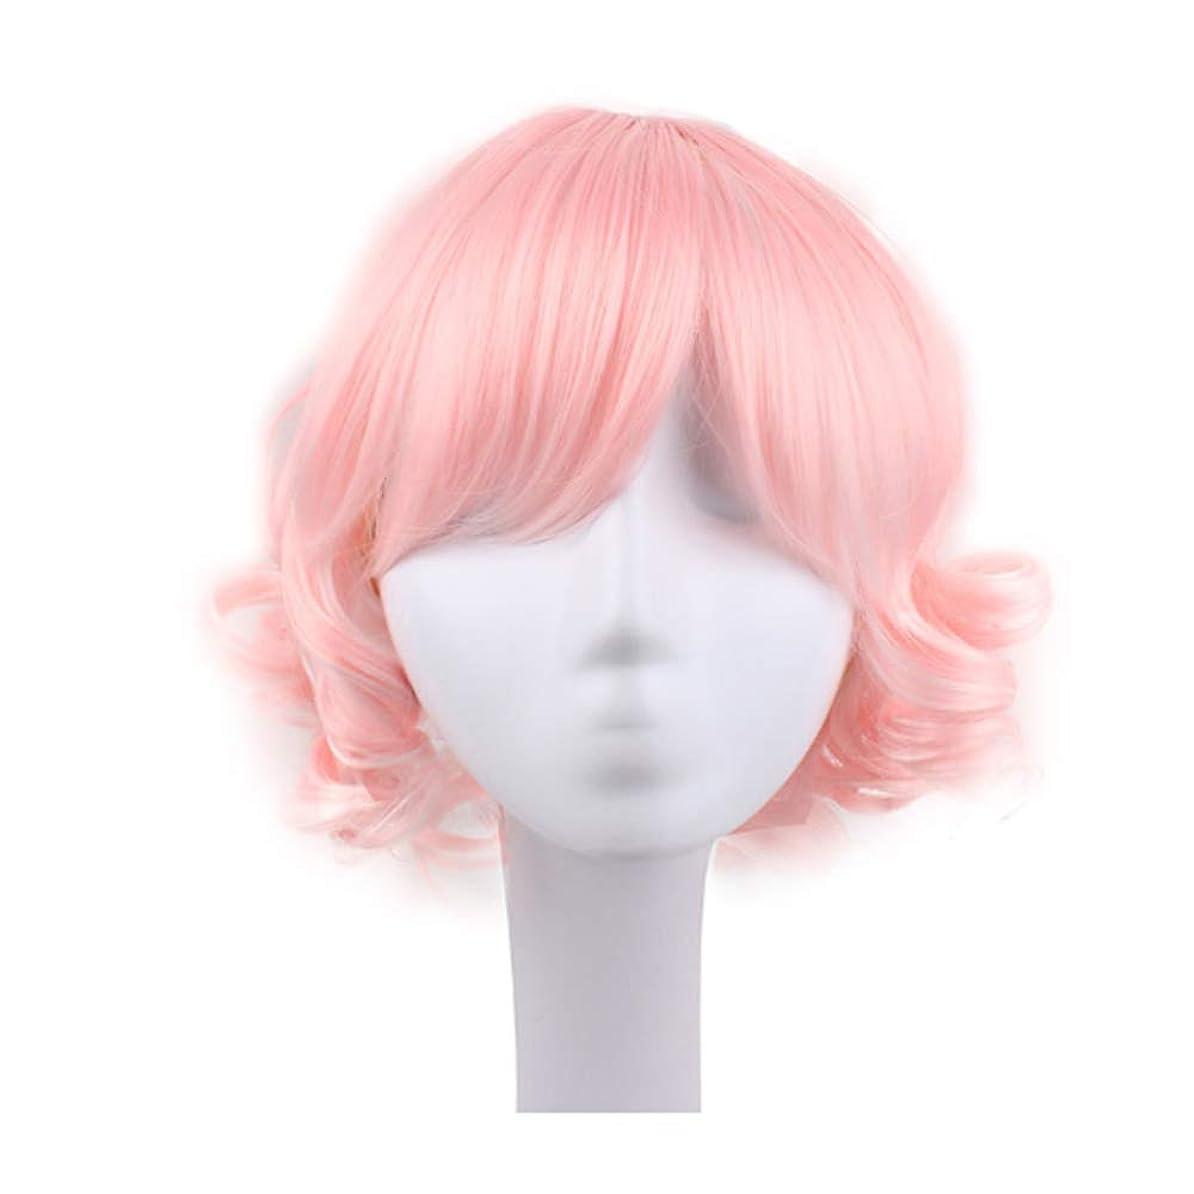 ベイビービュッフェ小さなブロンドのかつら女性のための短い巻き毛のかつら髪のかつらリアルウィッグとして自然な日々のパーティーコスプレ衣装かつらかつらキャップ付きかつら